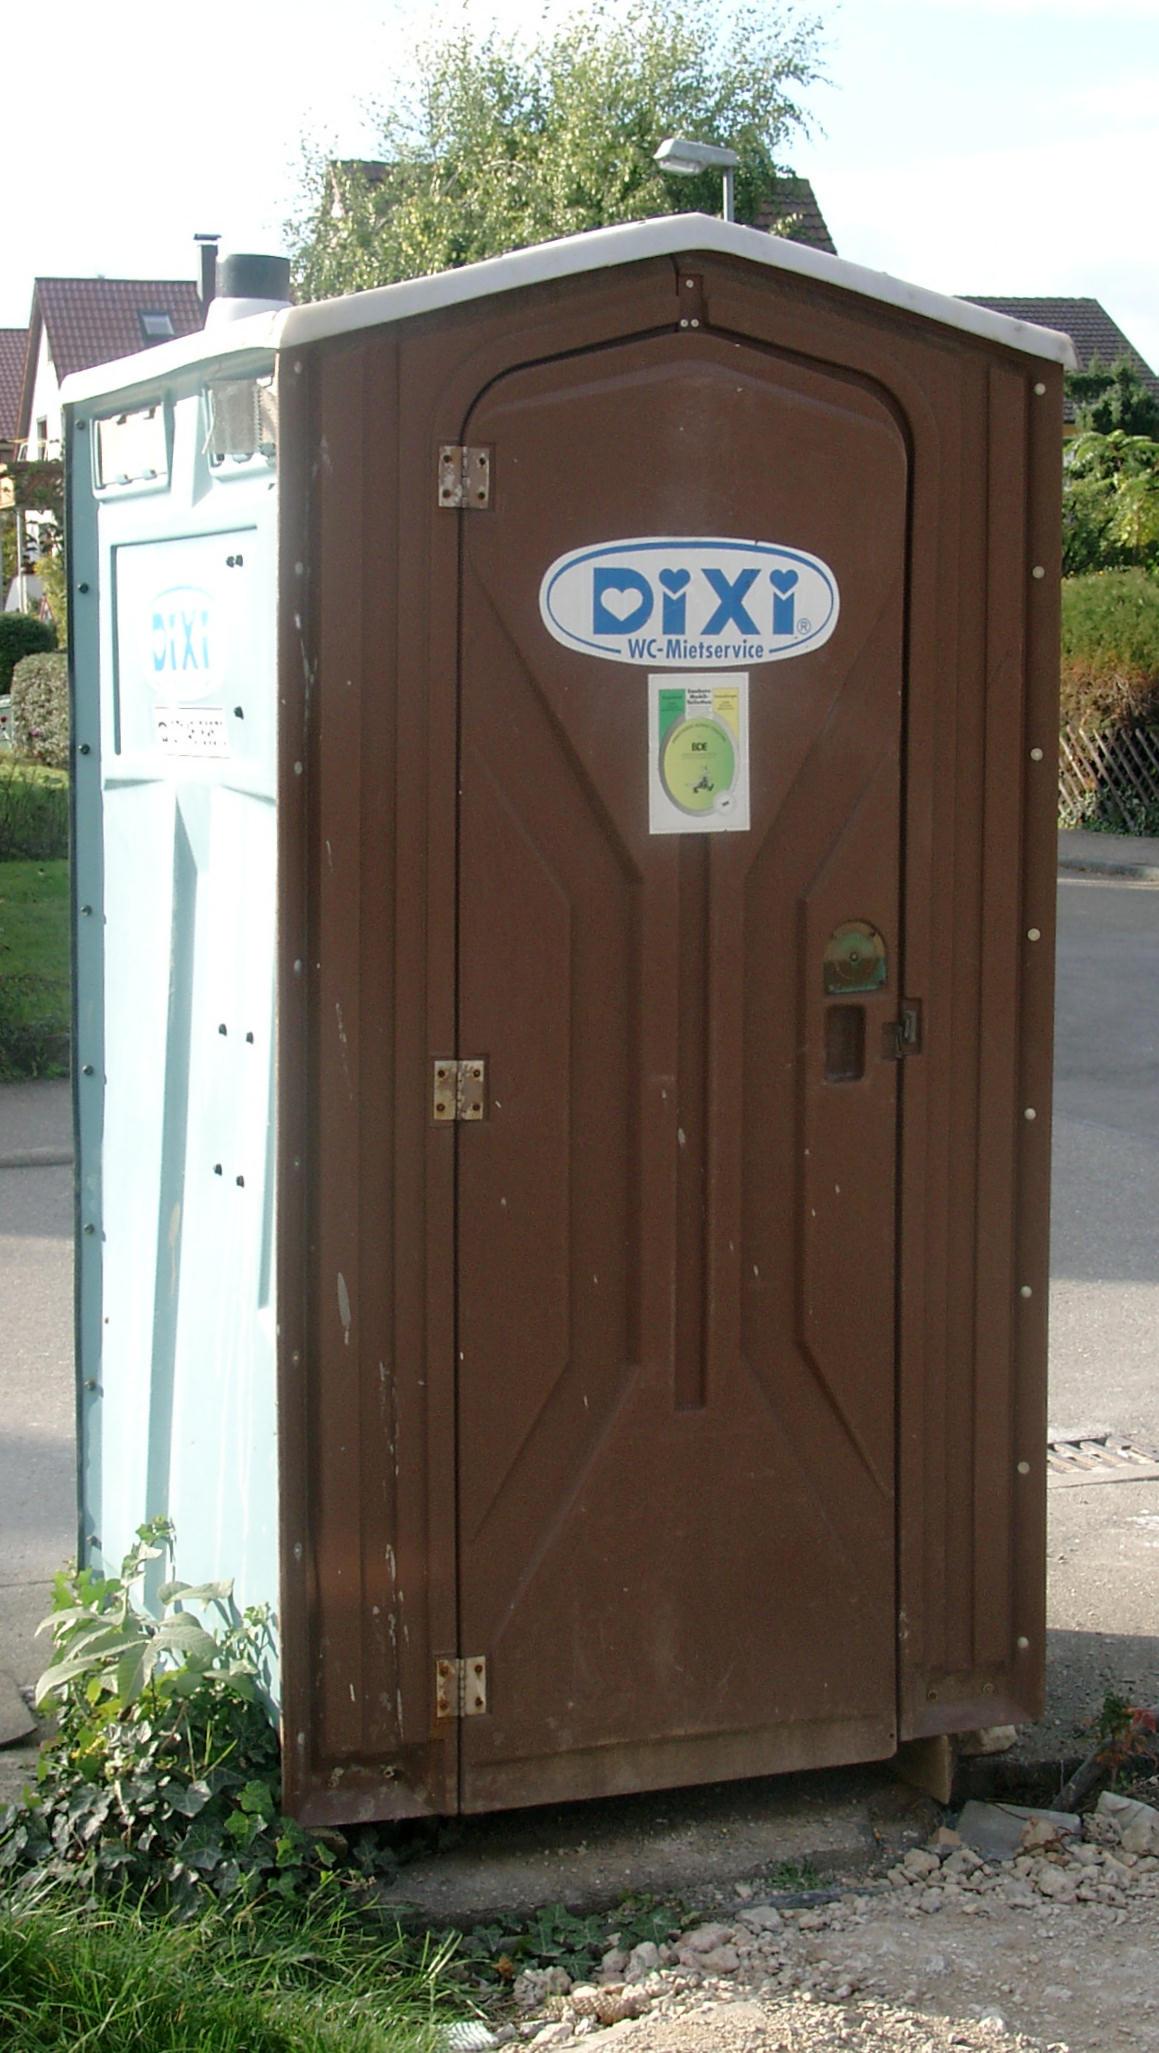 File dixi wikimedia commons - Modele de toilette wc ...